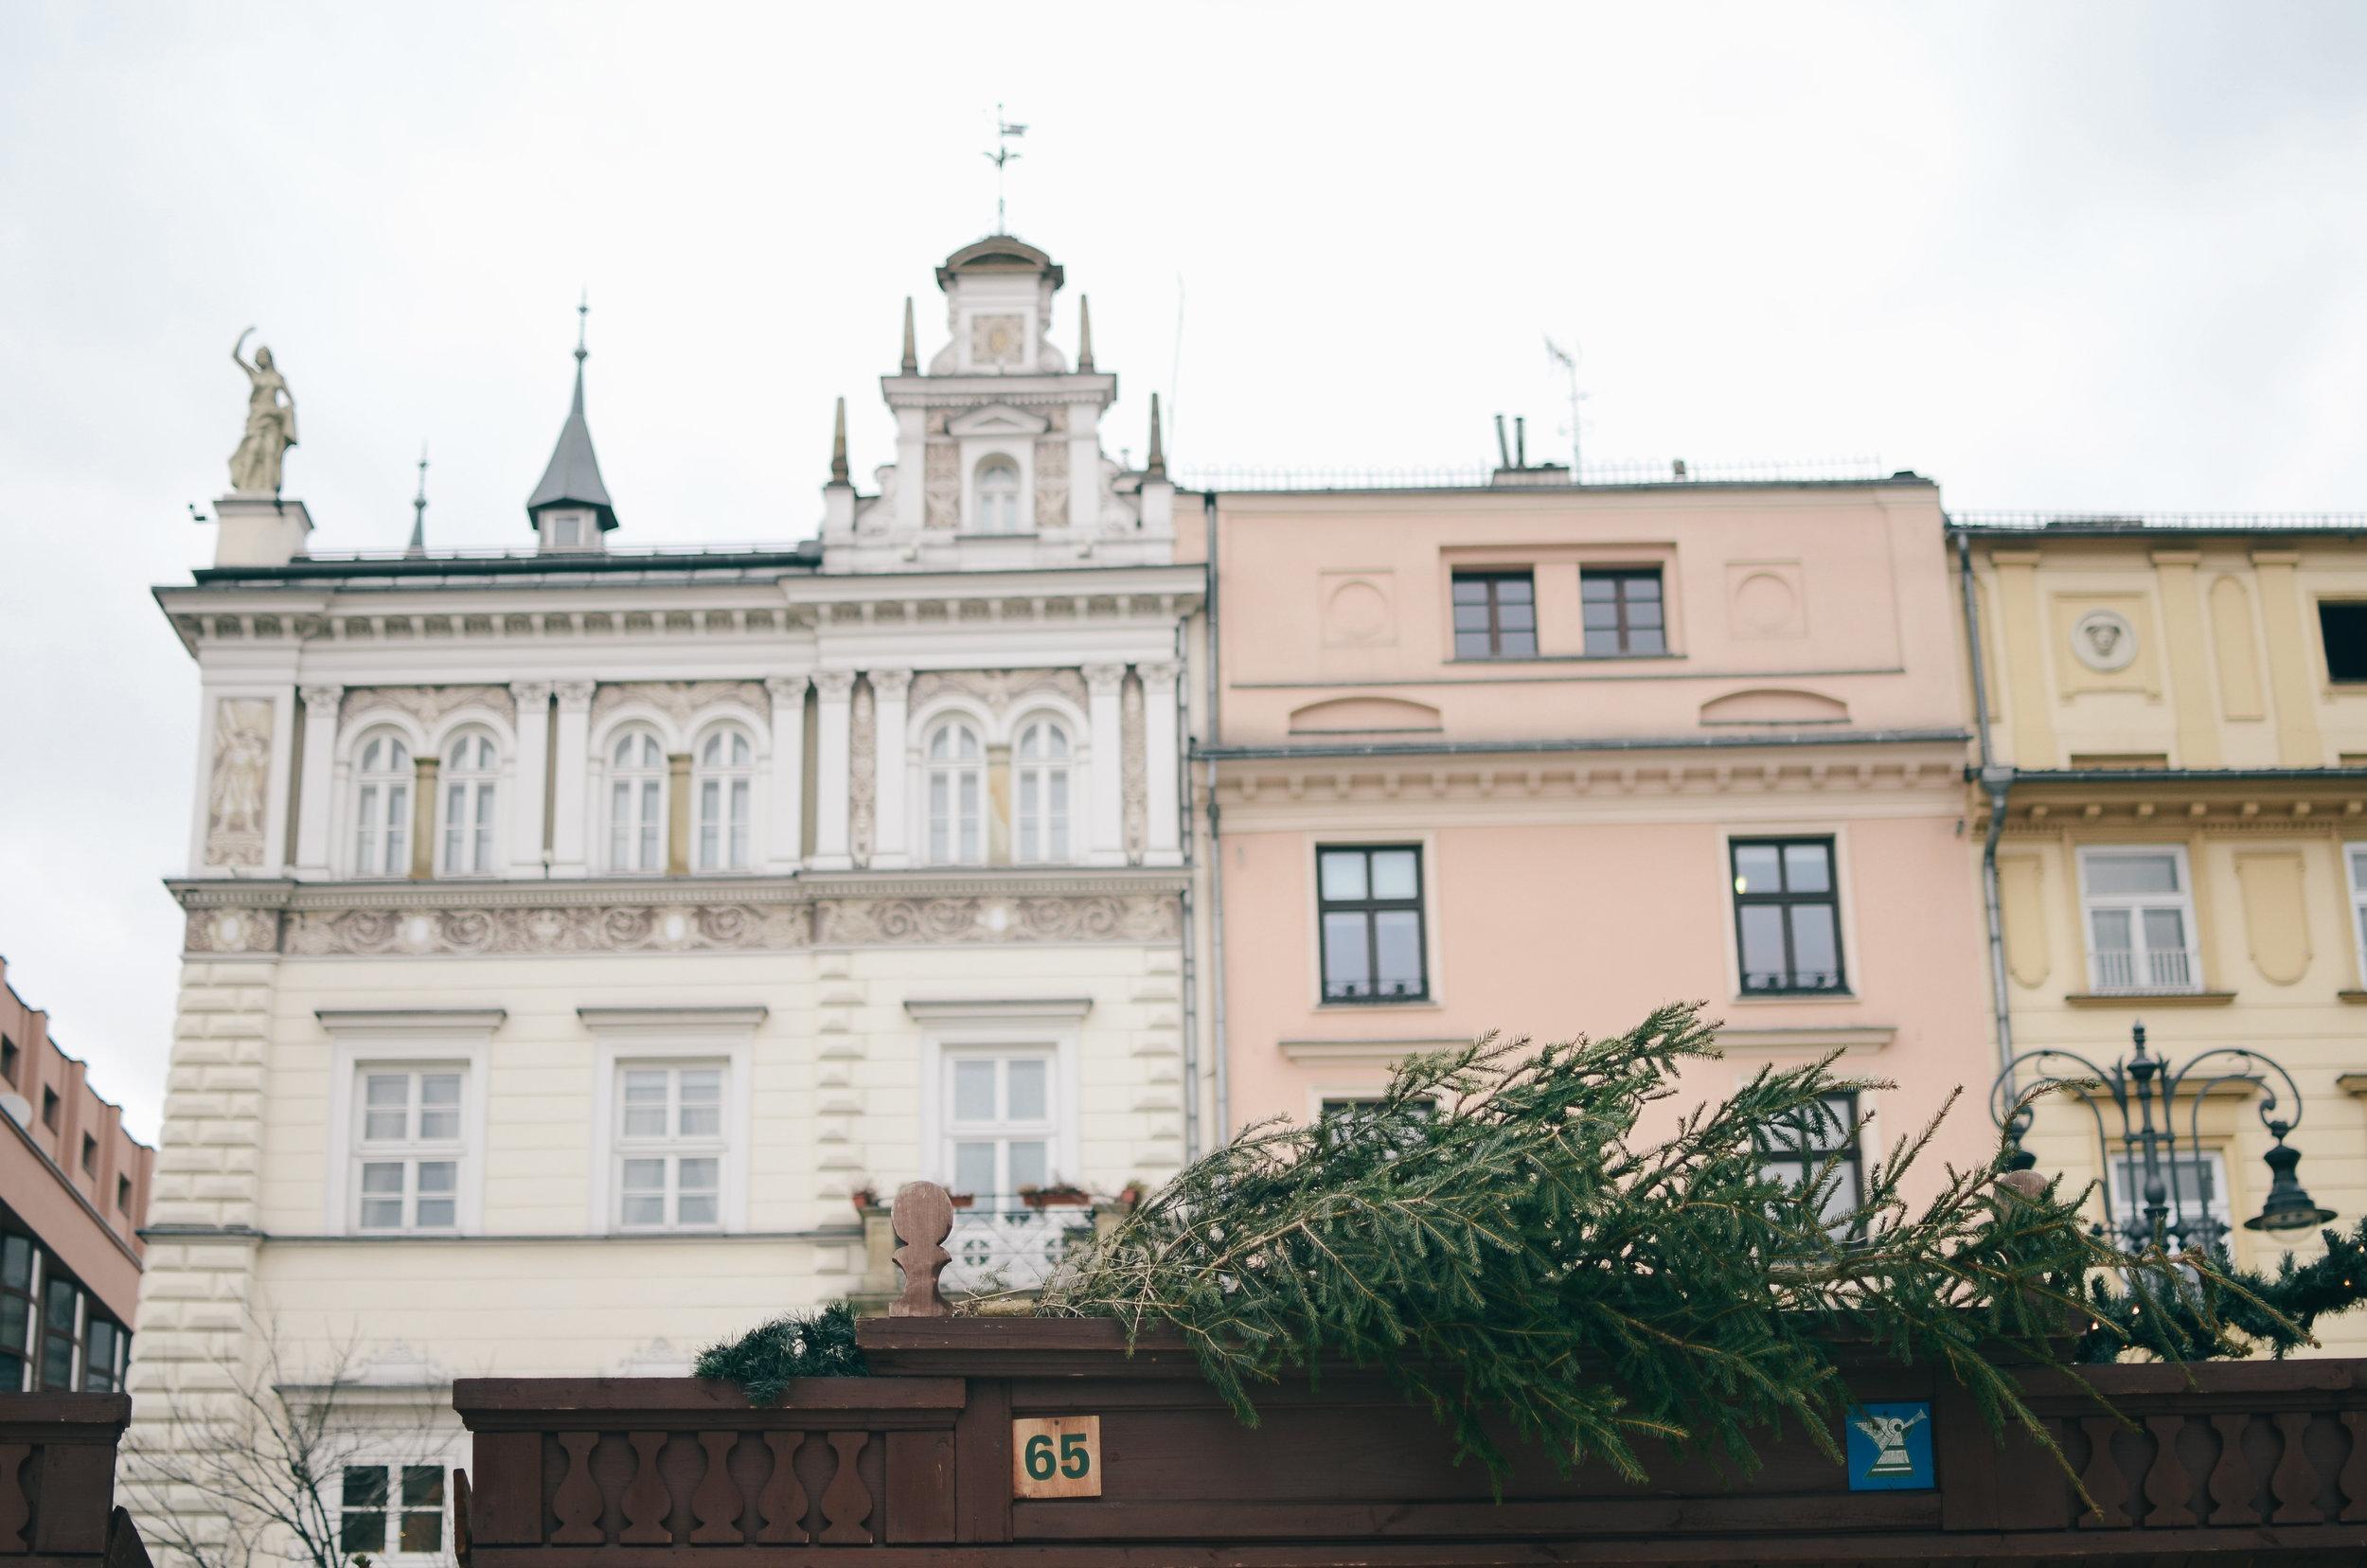 krakow-poland-travel-guide-lifeonpin_DSC_1070.jpg